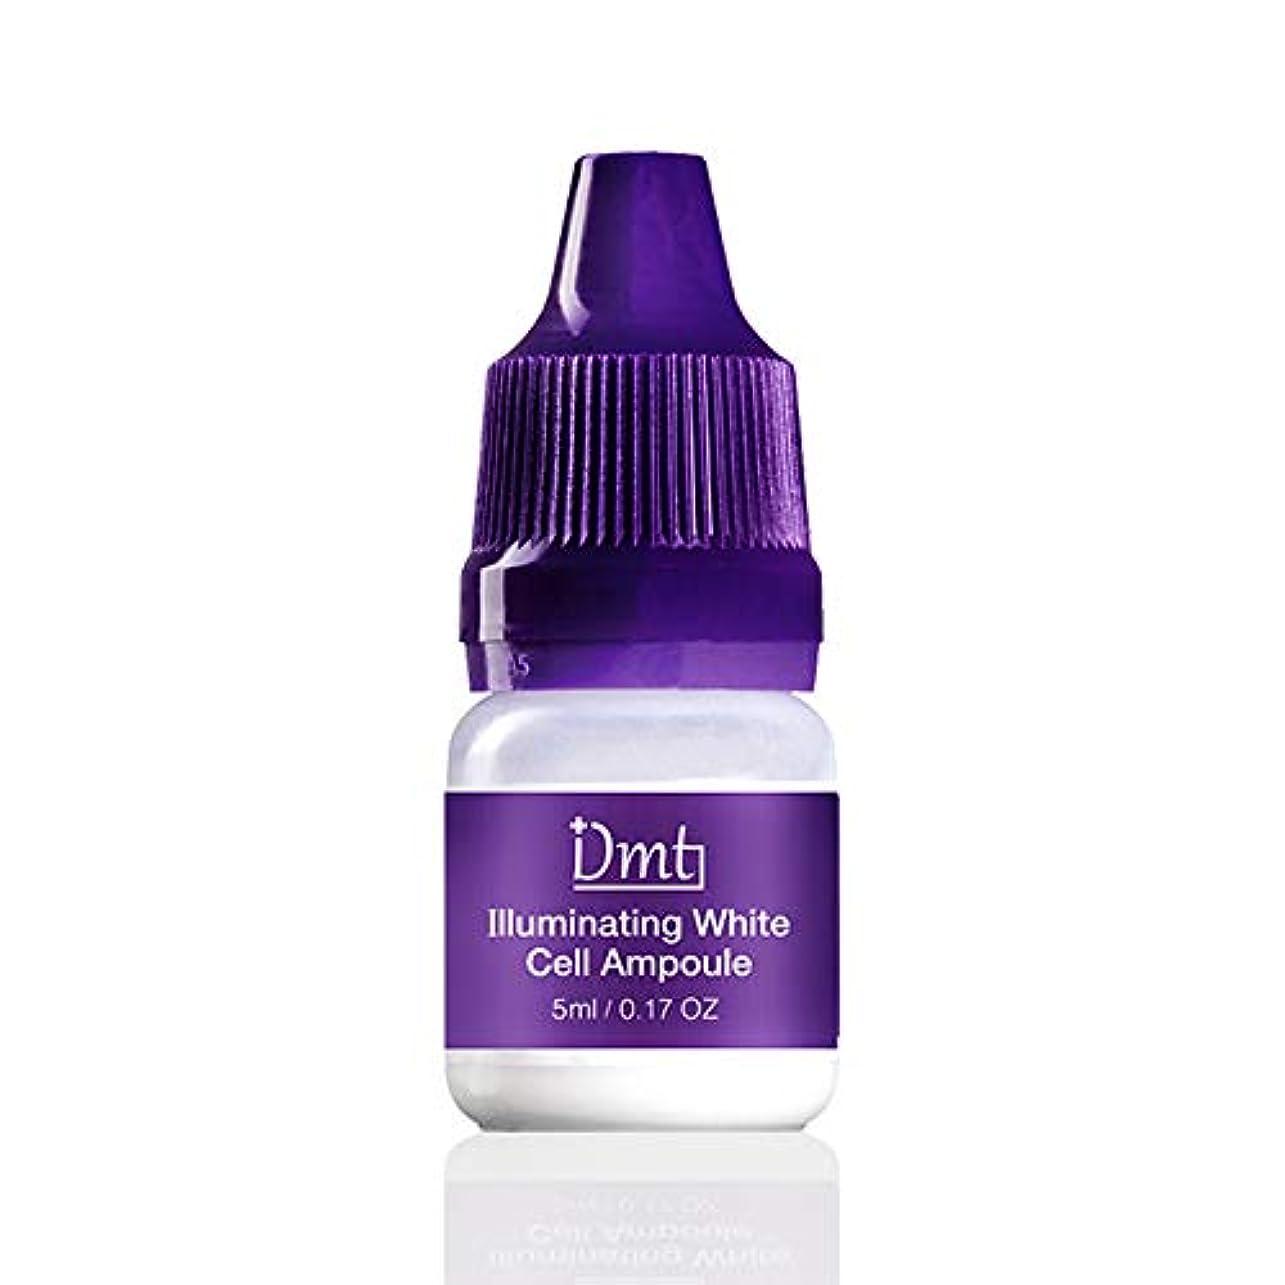 是正するカール治療DMT De Medicotem Illuminating White Cell Ampoule 5ml x 10 Ampoules イルミネーティングホワイトセルアンプル5ml x 10アンプル